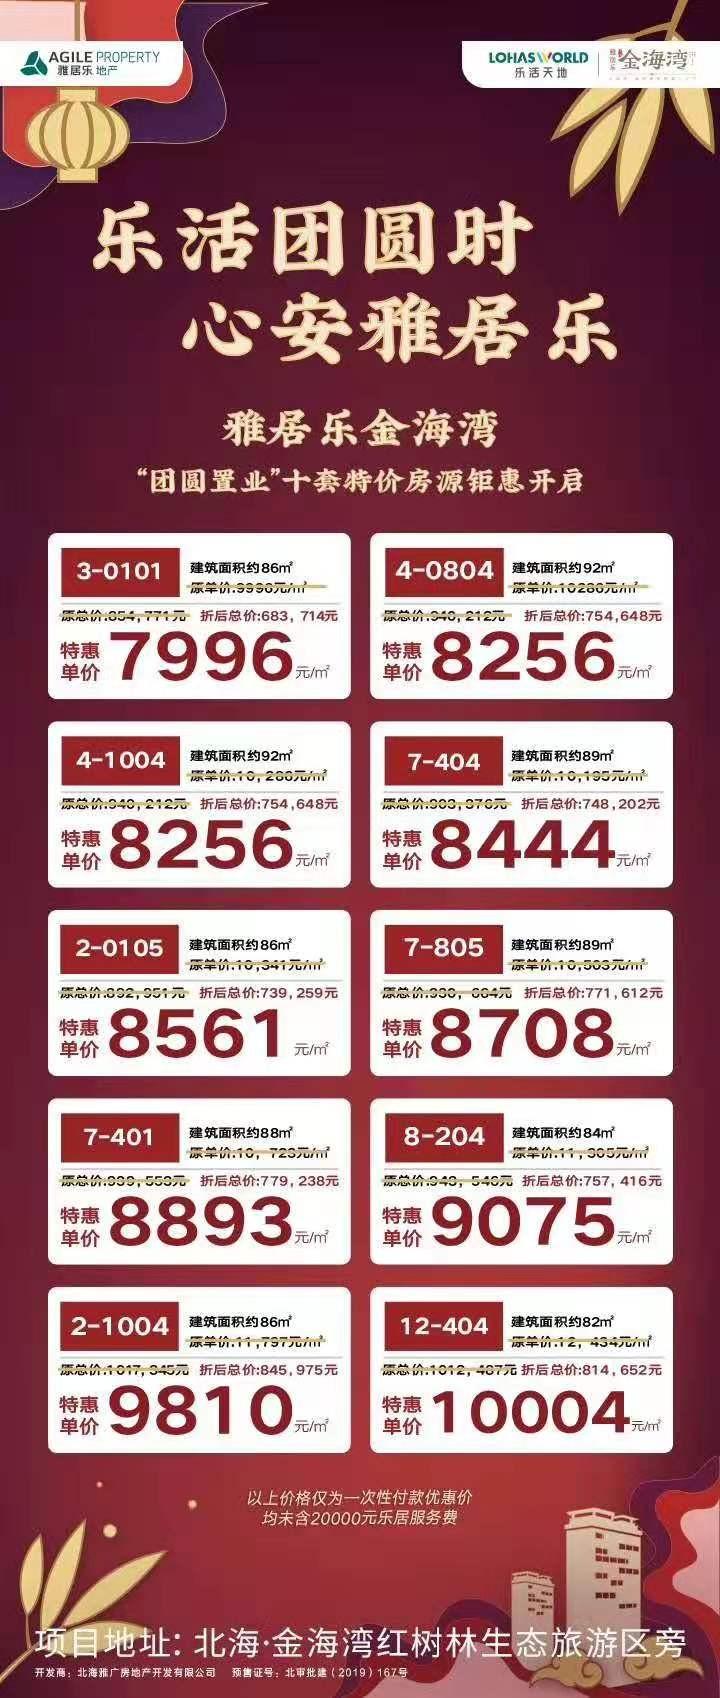 03160412542c7d52b14689.jpg